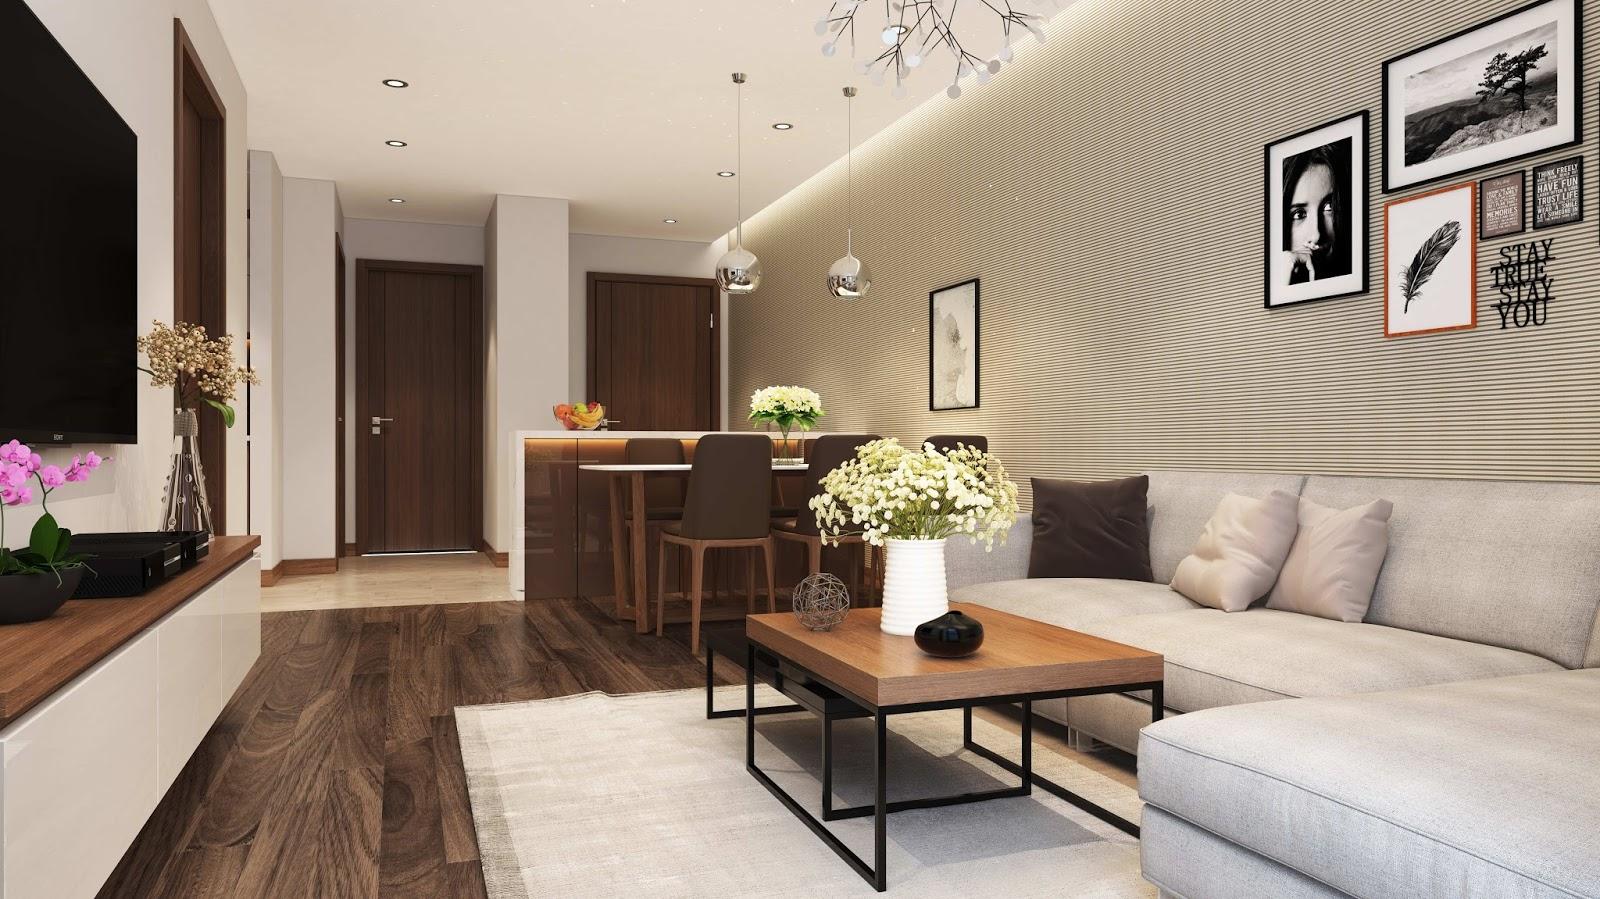 Hình ảnh căn hộ chung cư Hateco Xuân Phương